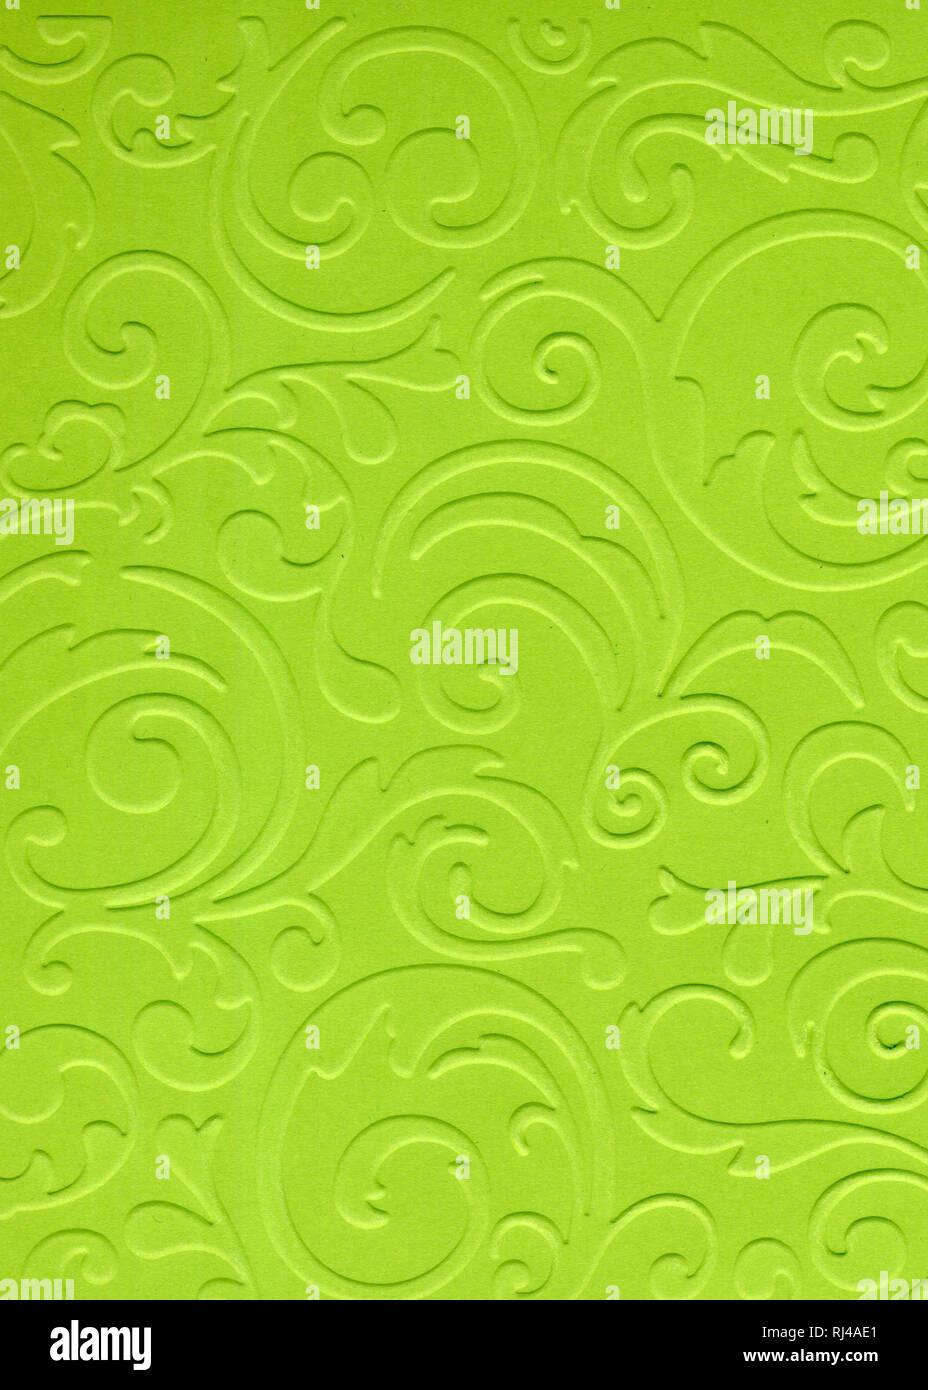 Motif texturé résumé fond de couleur verte en carton ou papier décoratif Photo Stock